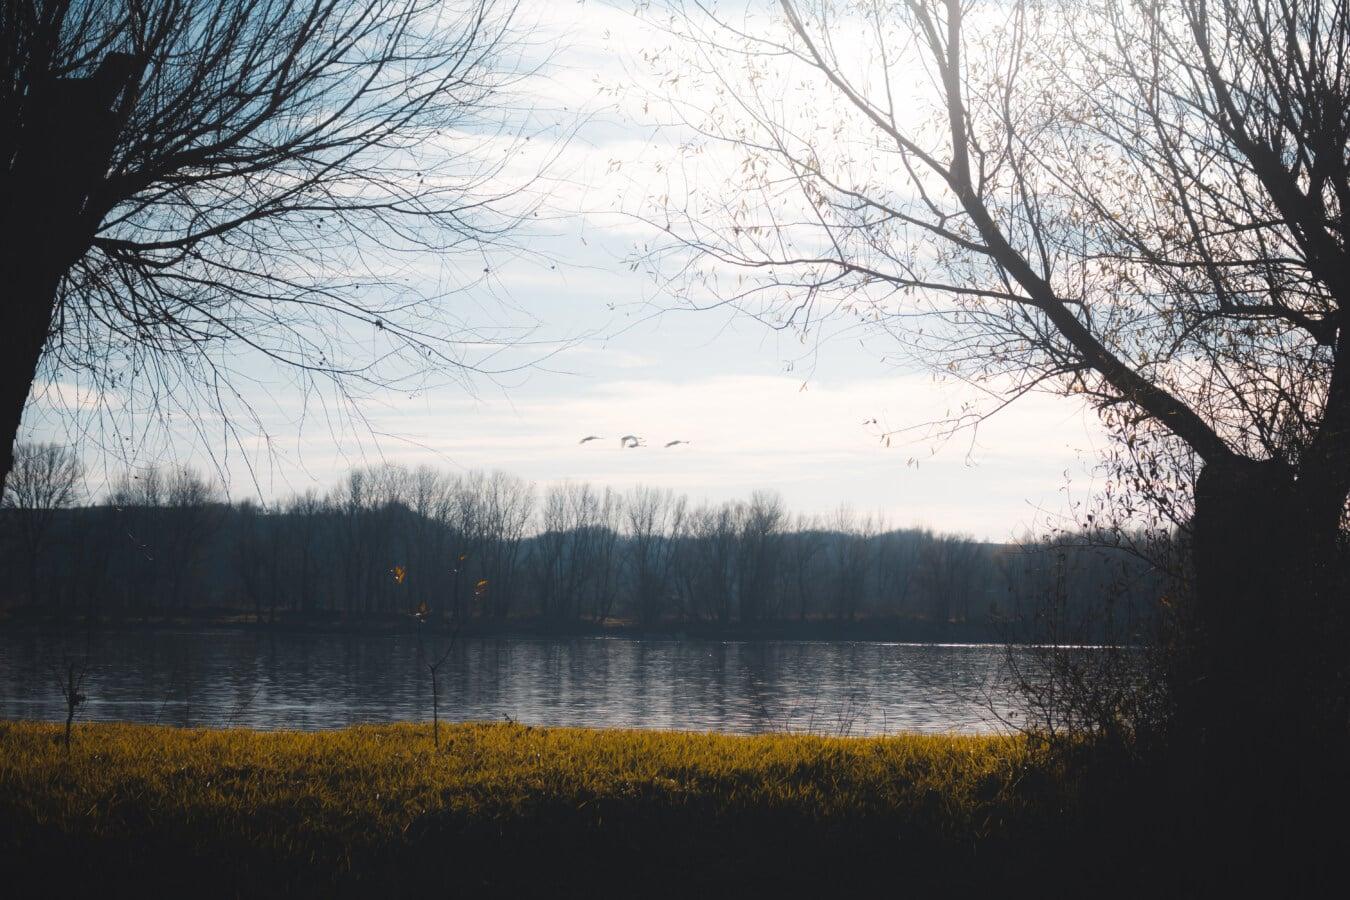 Dämmerung, Atmosphäre, Wald, Landschaft, Wasser, Fluss, Struktur, Holz, Natur, Reflexion